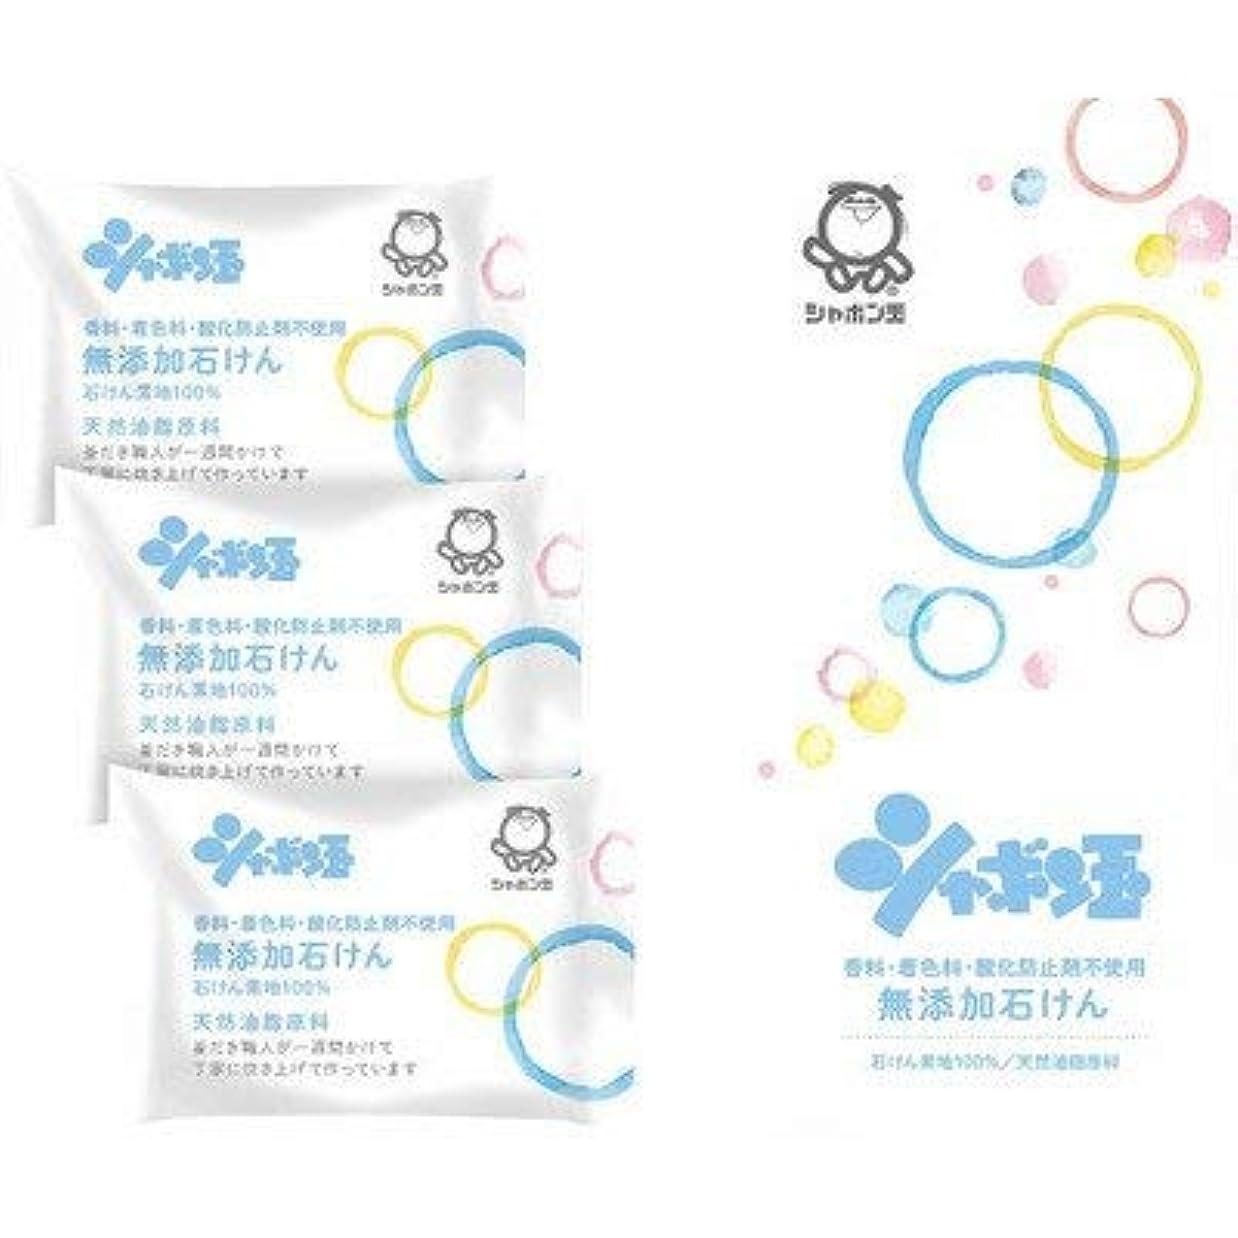 請願者枯渇オーガニック【ギフトセット】 シャボン玉無添加石鹸ギフトセット SMG-5B